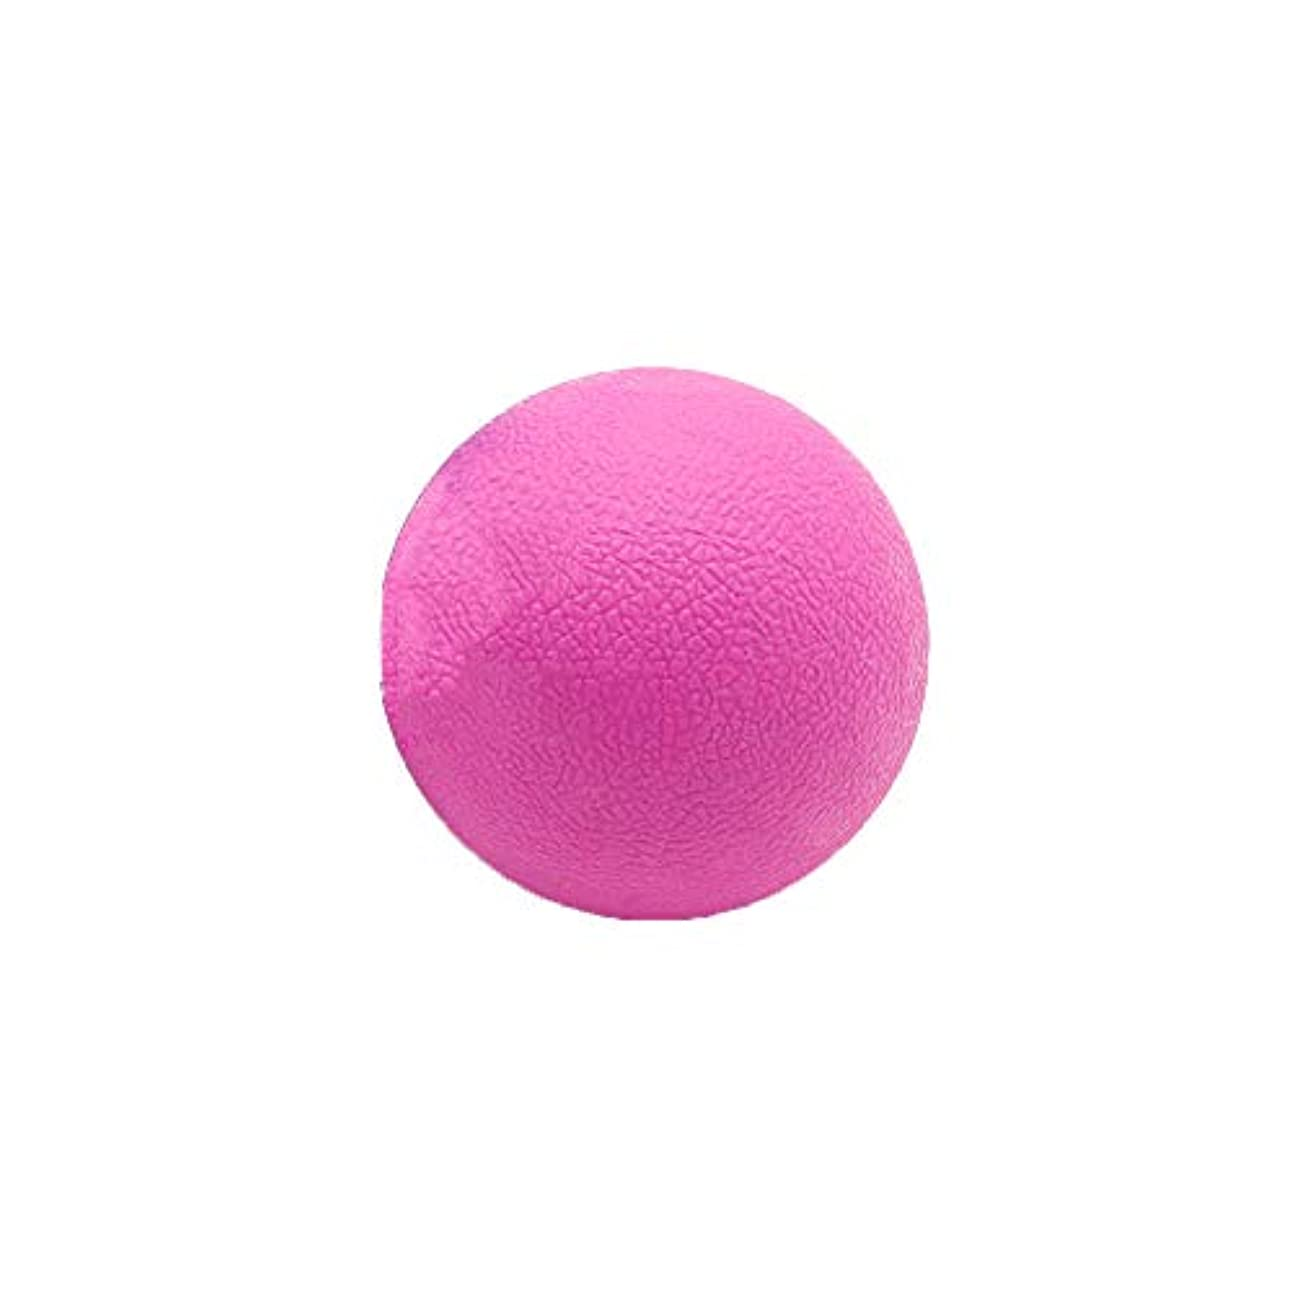 割り当てる伴うホイットニーTyou ロングホッケー ボール ストレッチ リリース マッサージボール 足部 マッサージボール 背中 筋肉 トレーニングボール ピンク